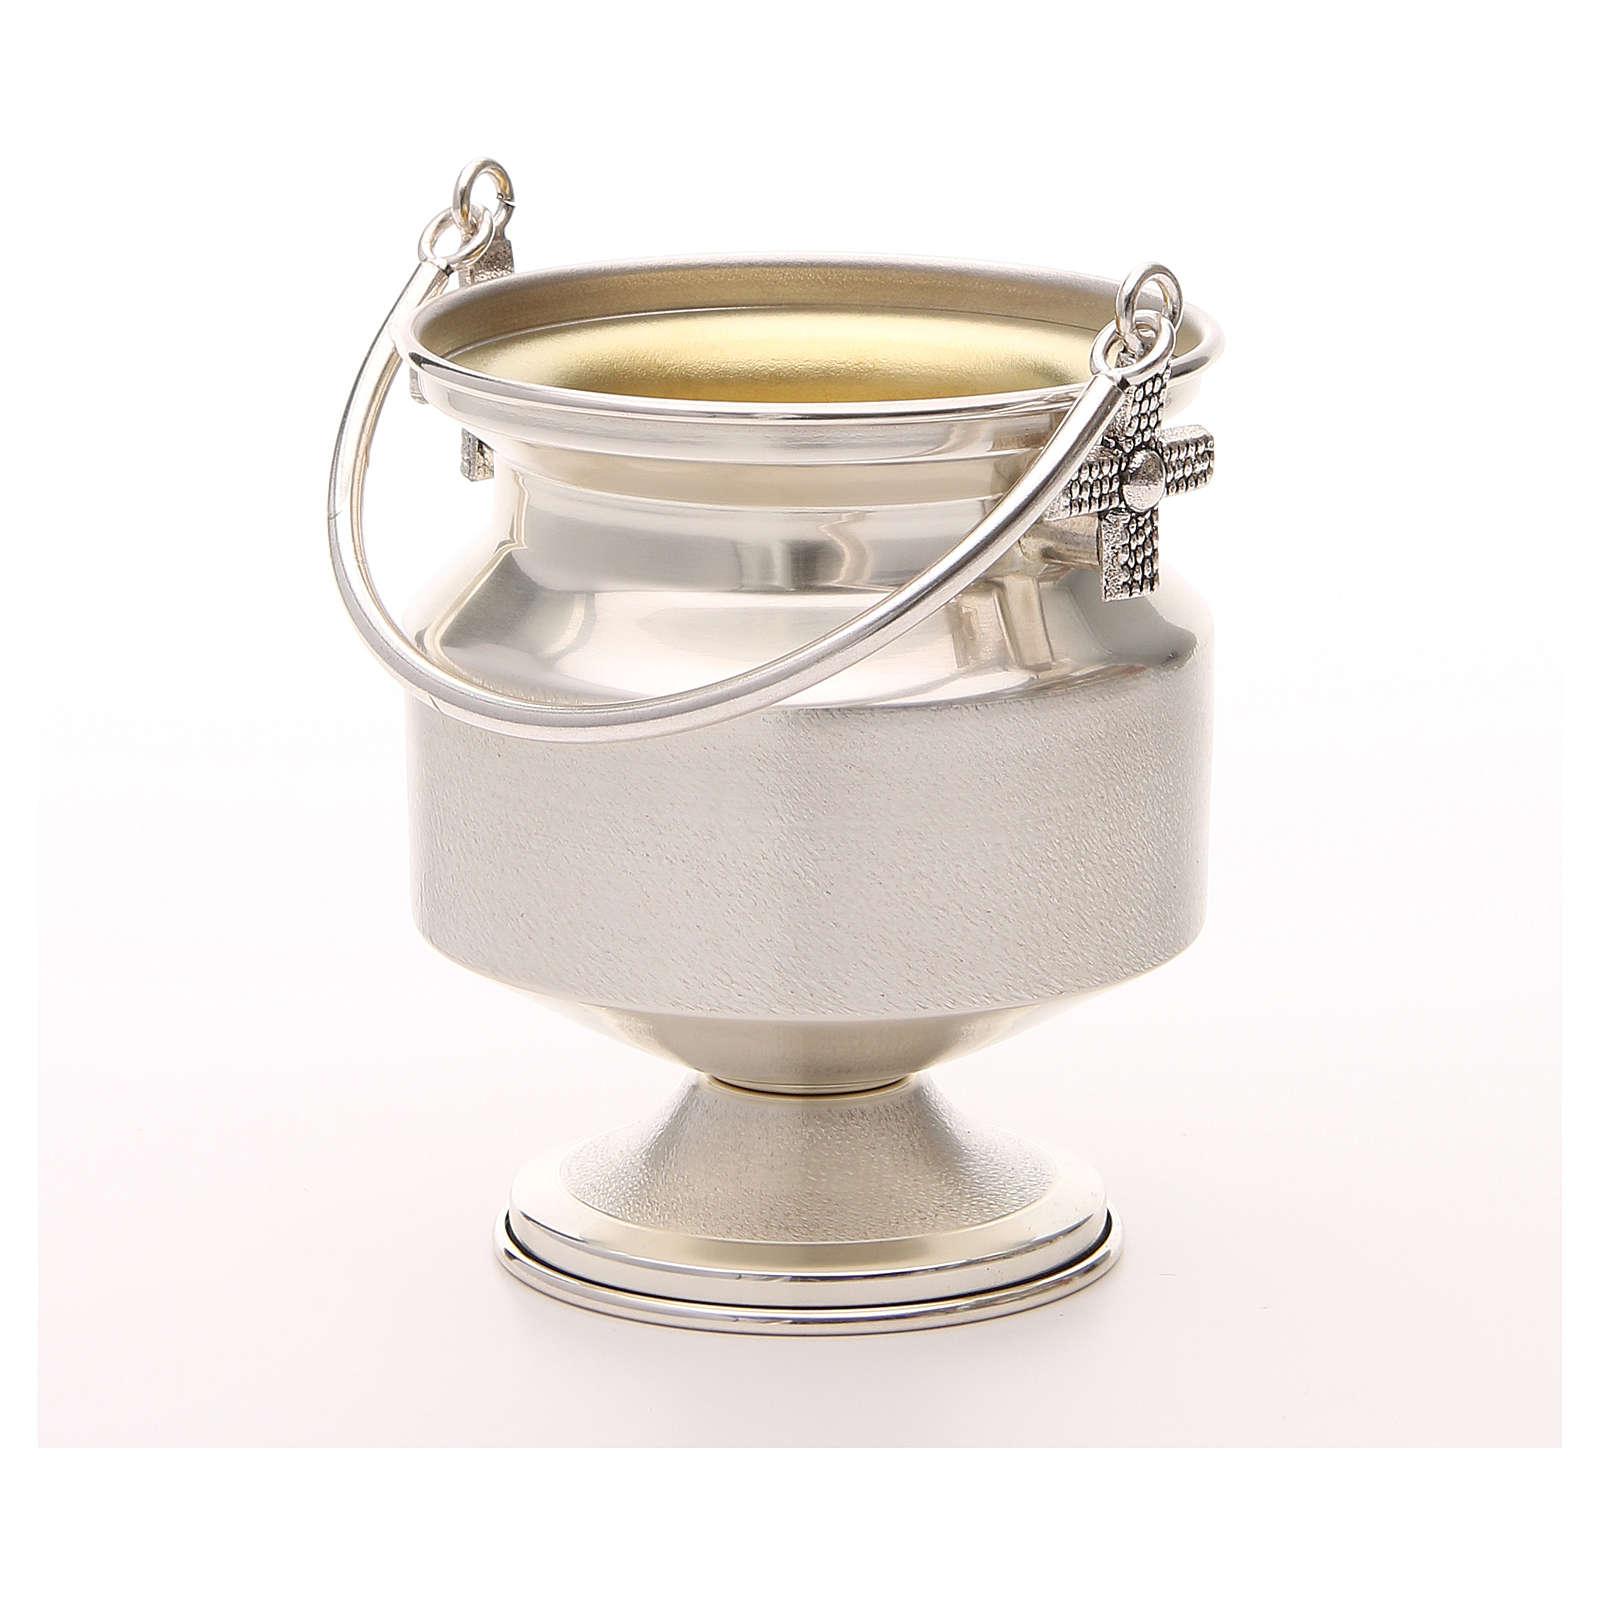 Secchiello per acqua santa ottone argentato liscio 3